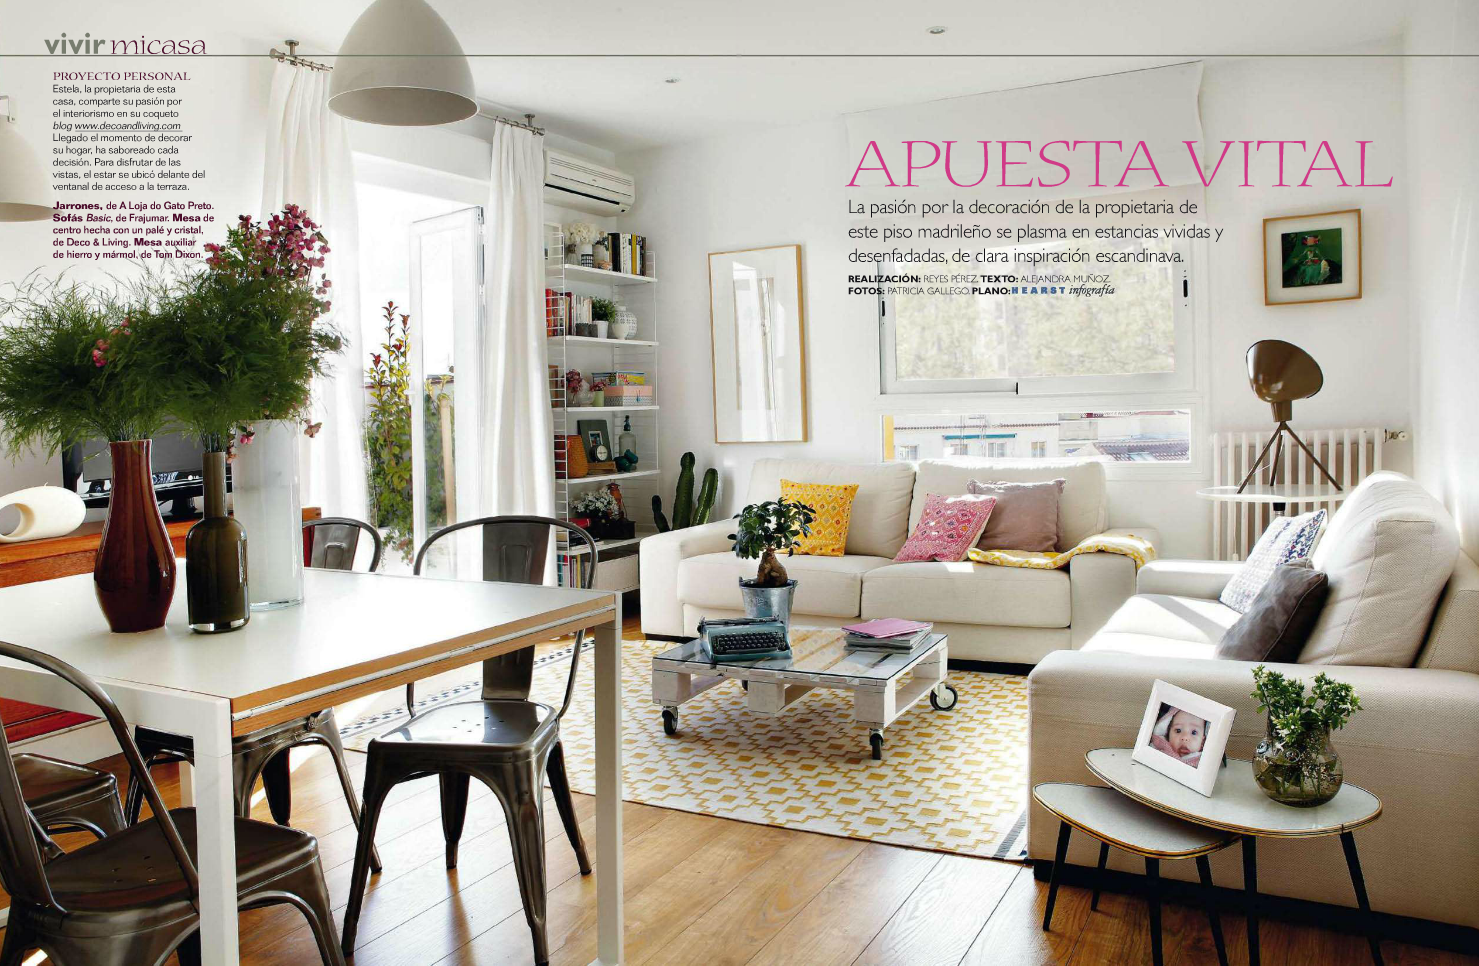 salon industrial vintage - Buscar con Google | Ideas para el hogar ...